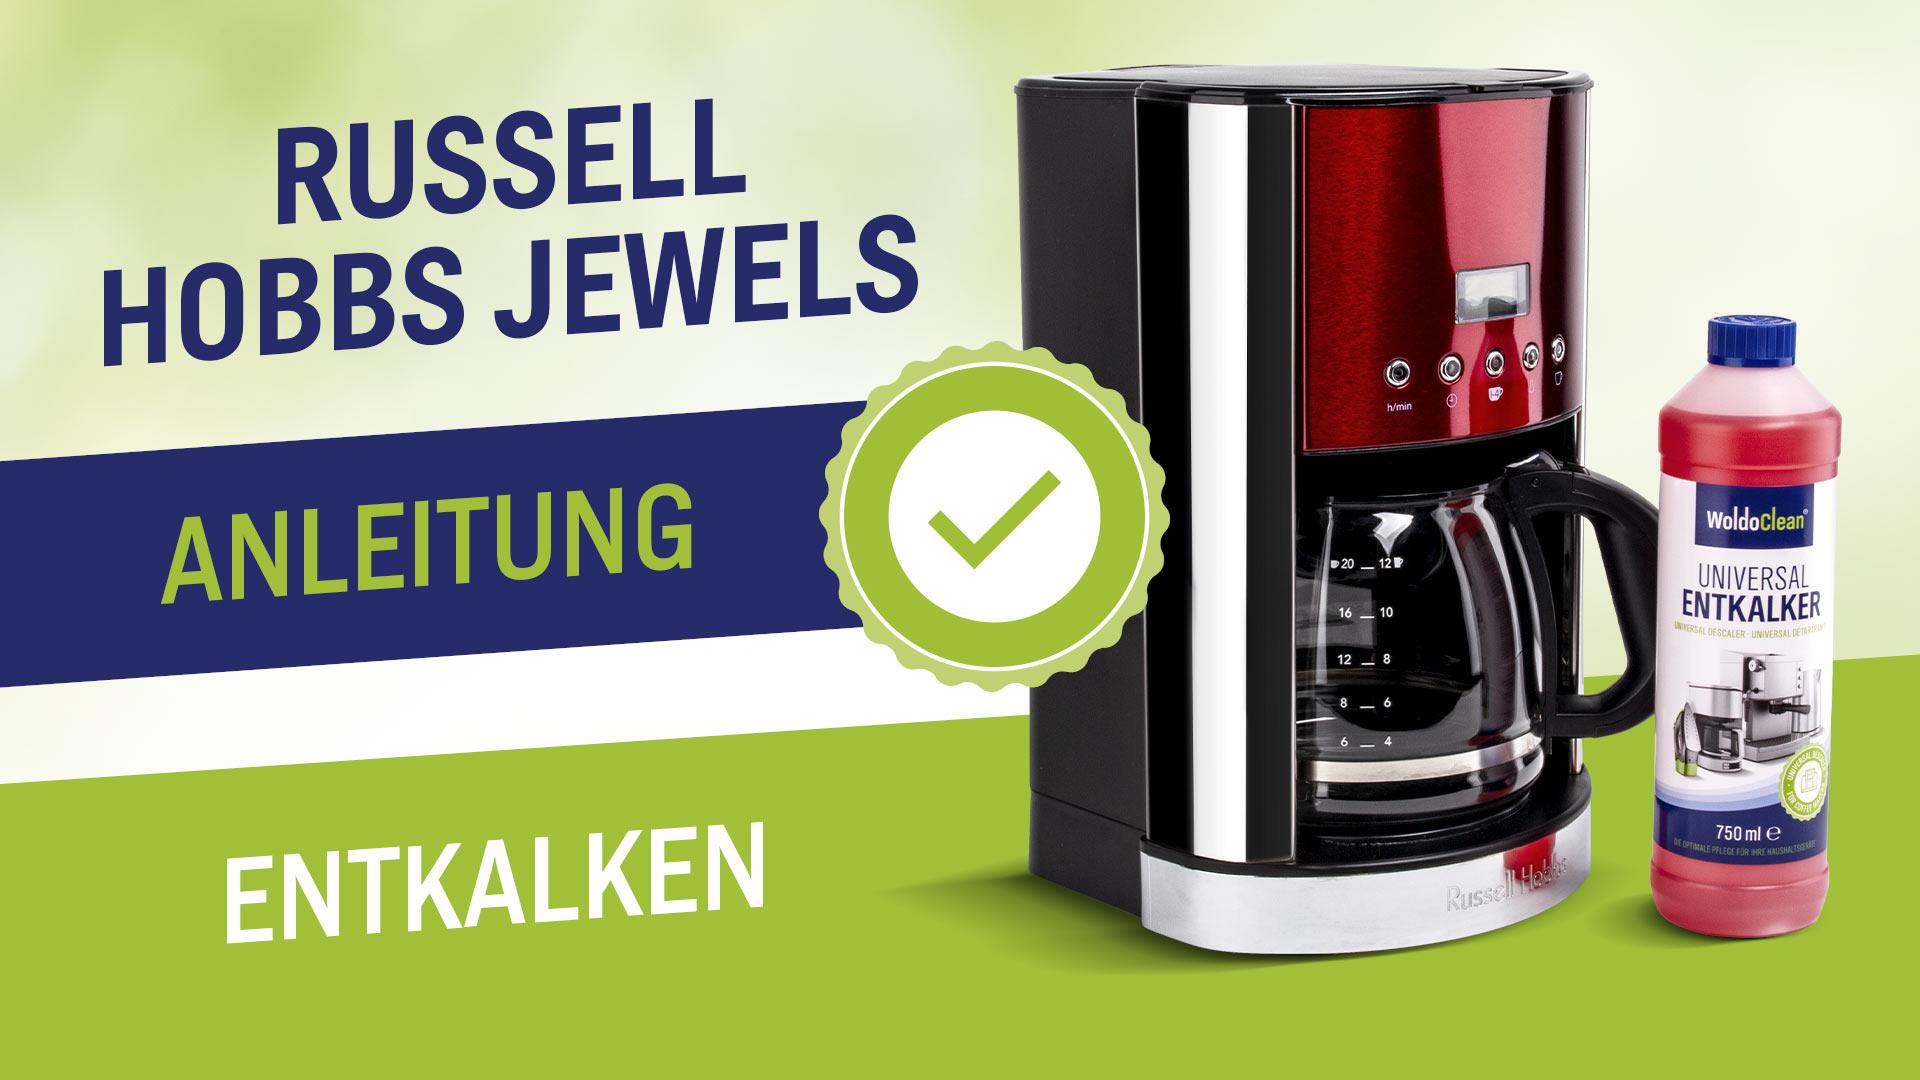 Odvápnění a čištění kávovaru Russell Hobbs Jewels